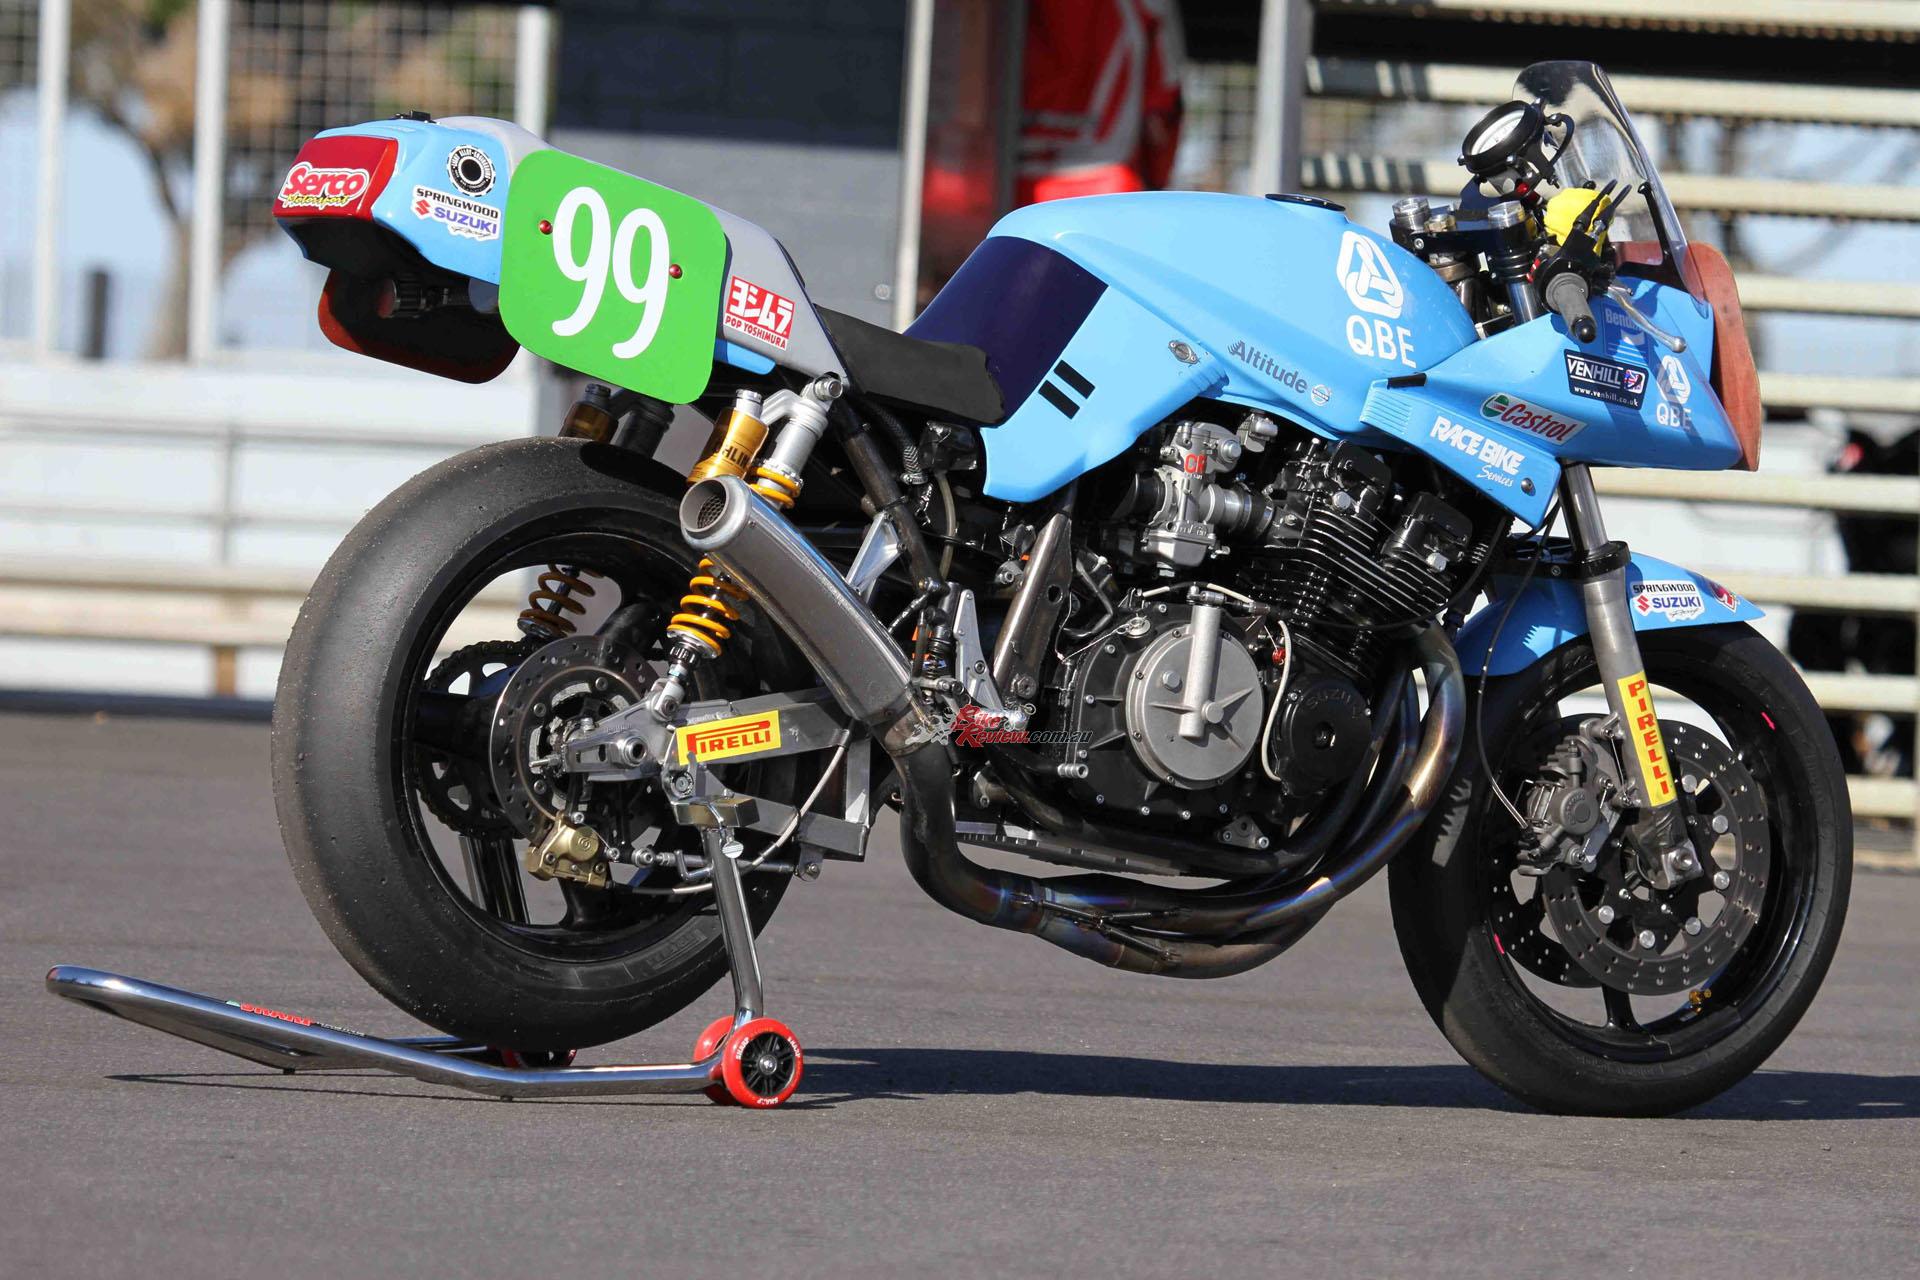 Retro Racer Steve Martin 99 Tbr Katana Bike Review